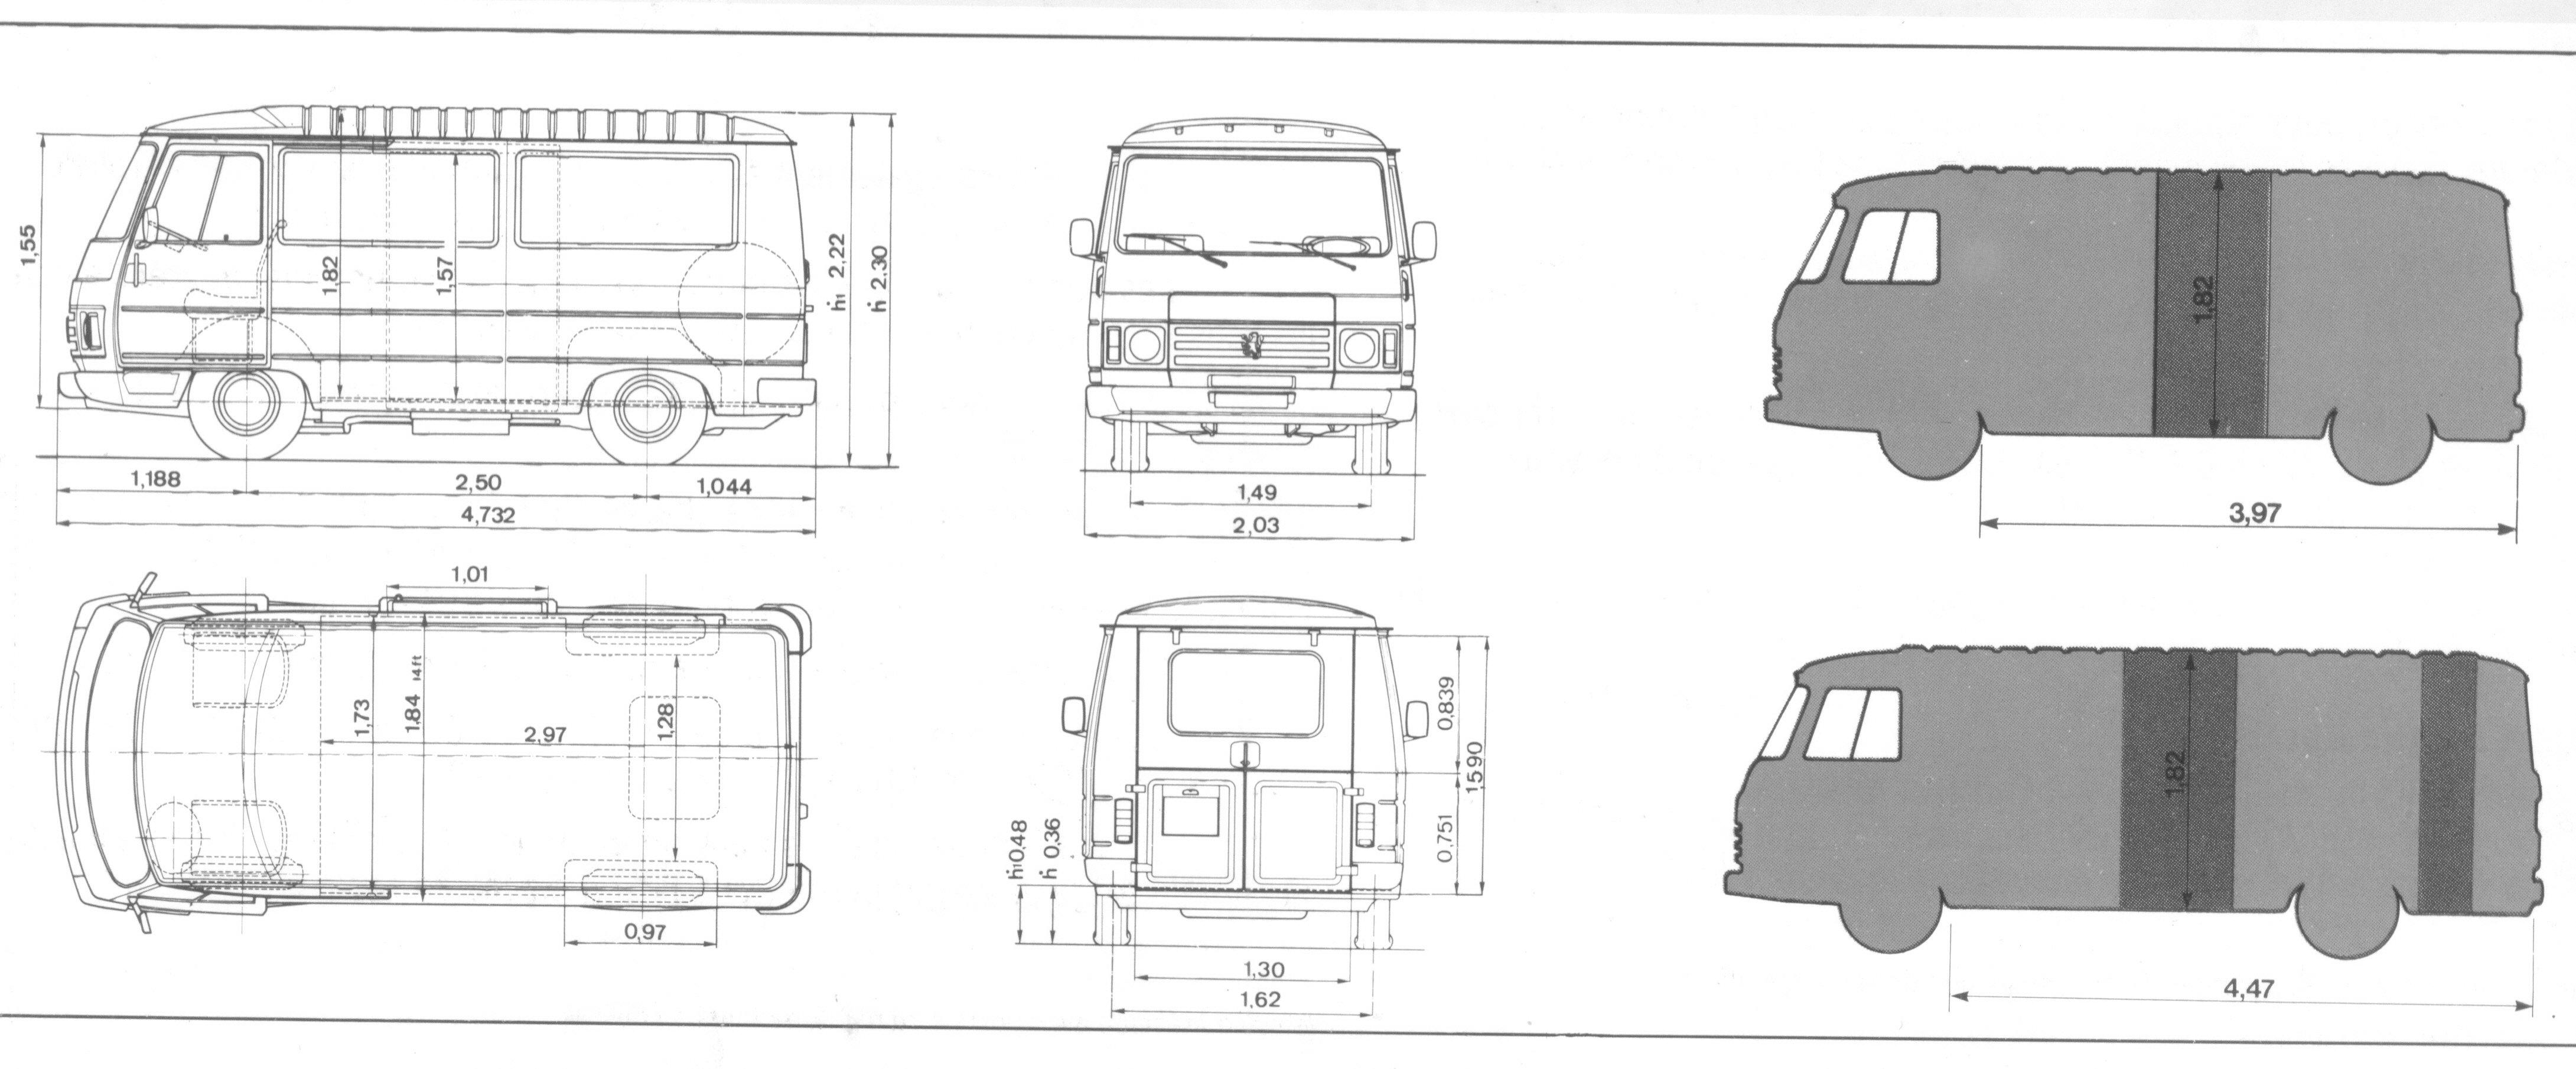 Peugeot j9 blueprint download free blueprint for 3d modeling for Free 3d blueprints